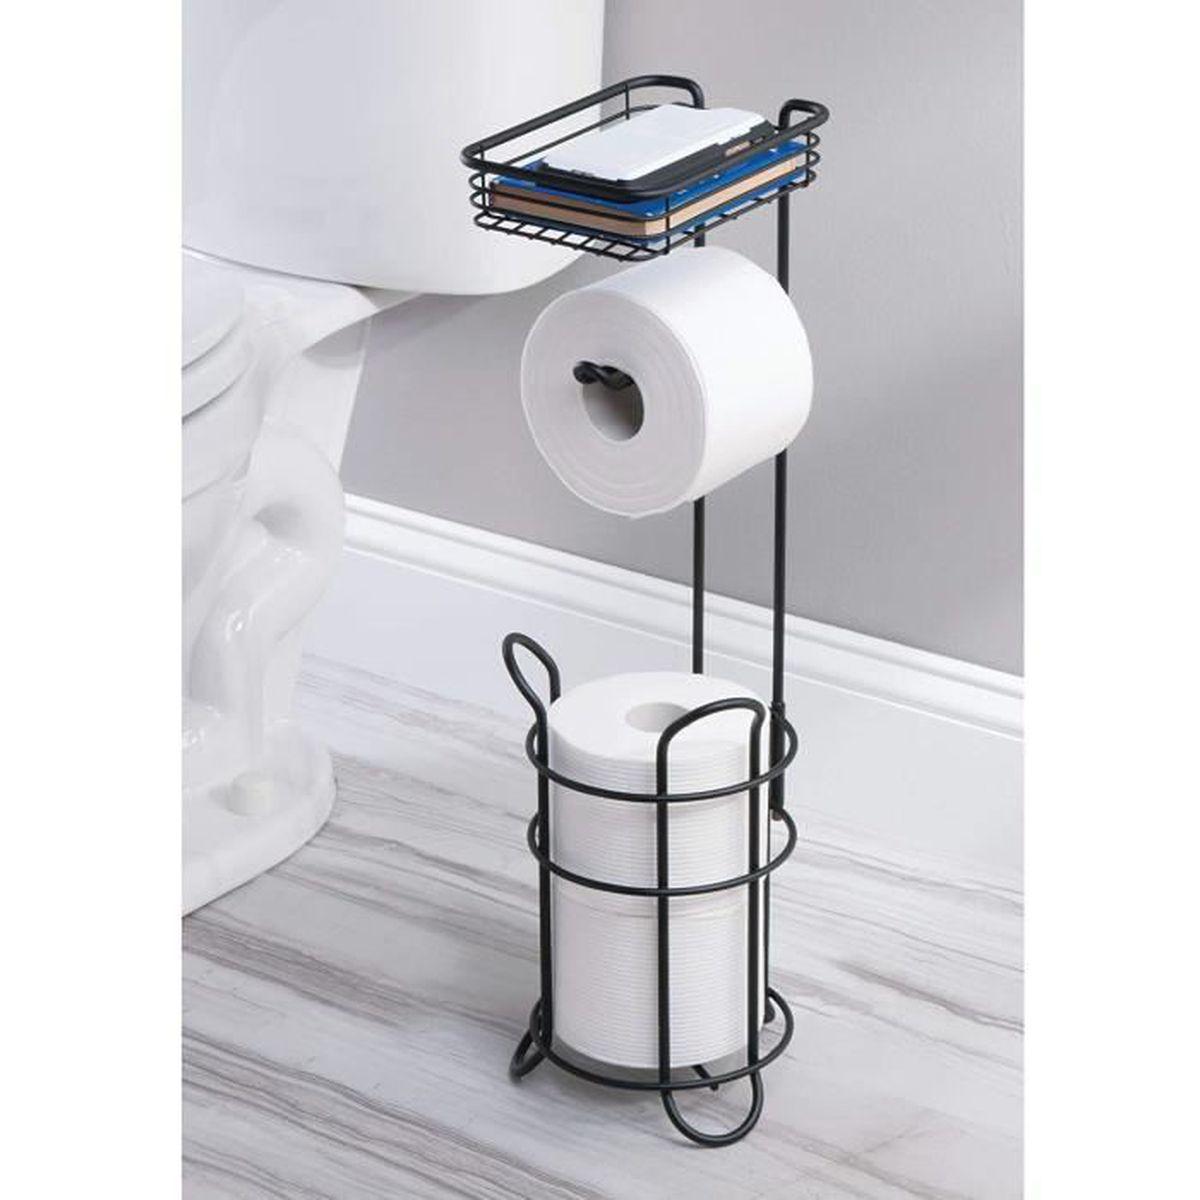 Dérouleur Papier Wc Metal porte papier toilette – dérouleur papier toilette élégant en